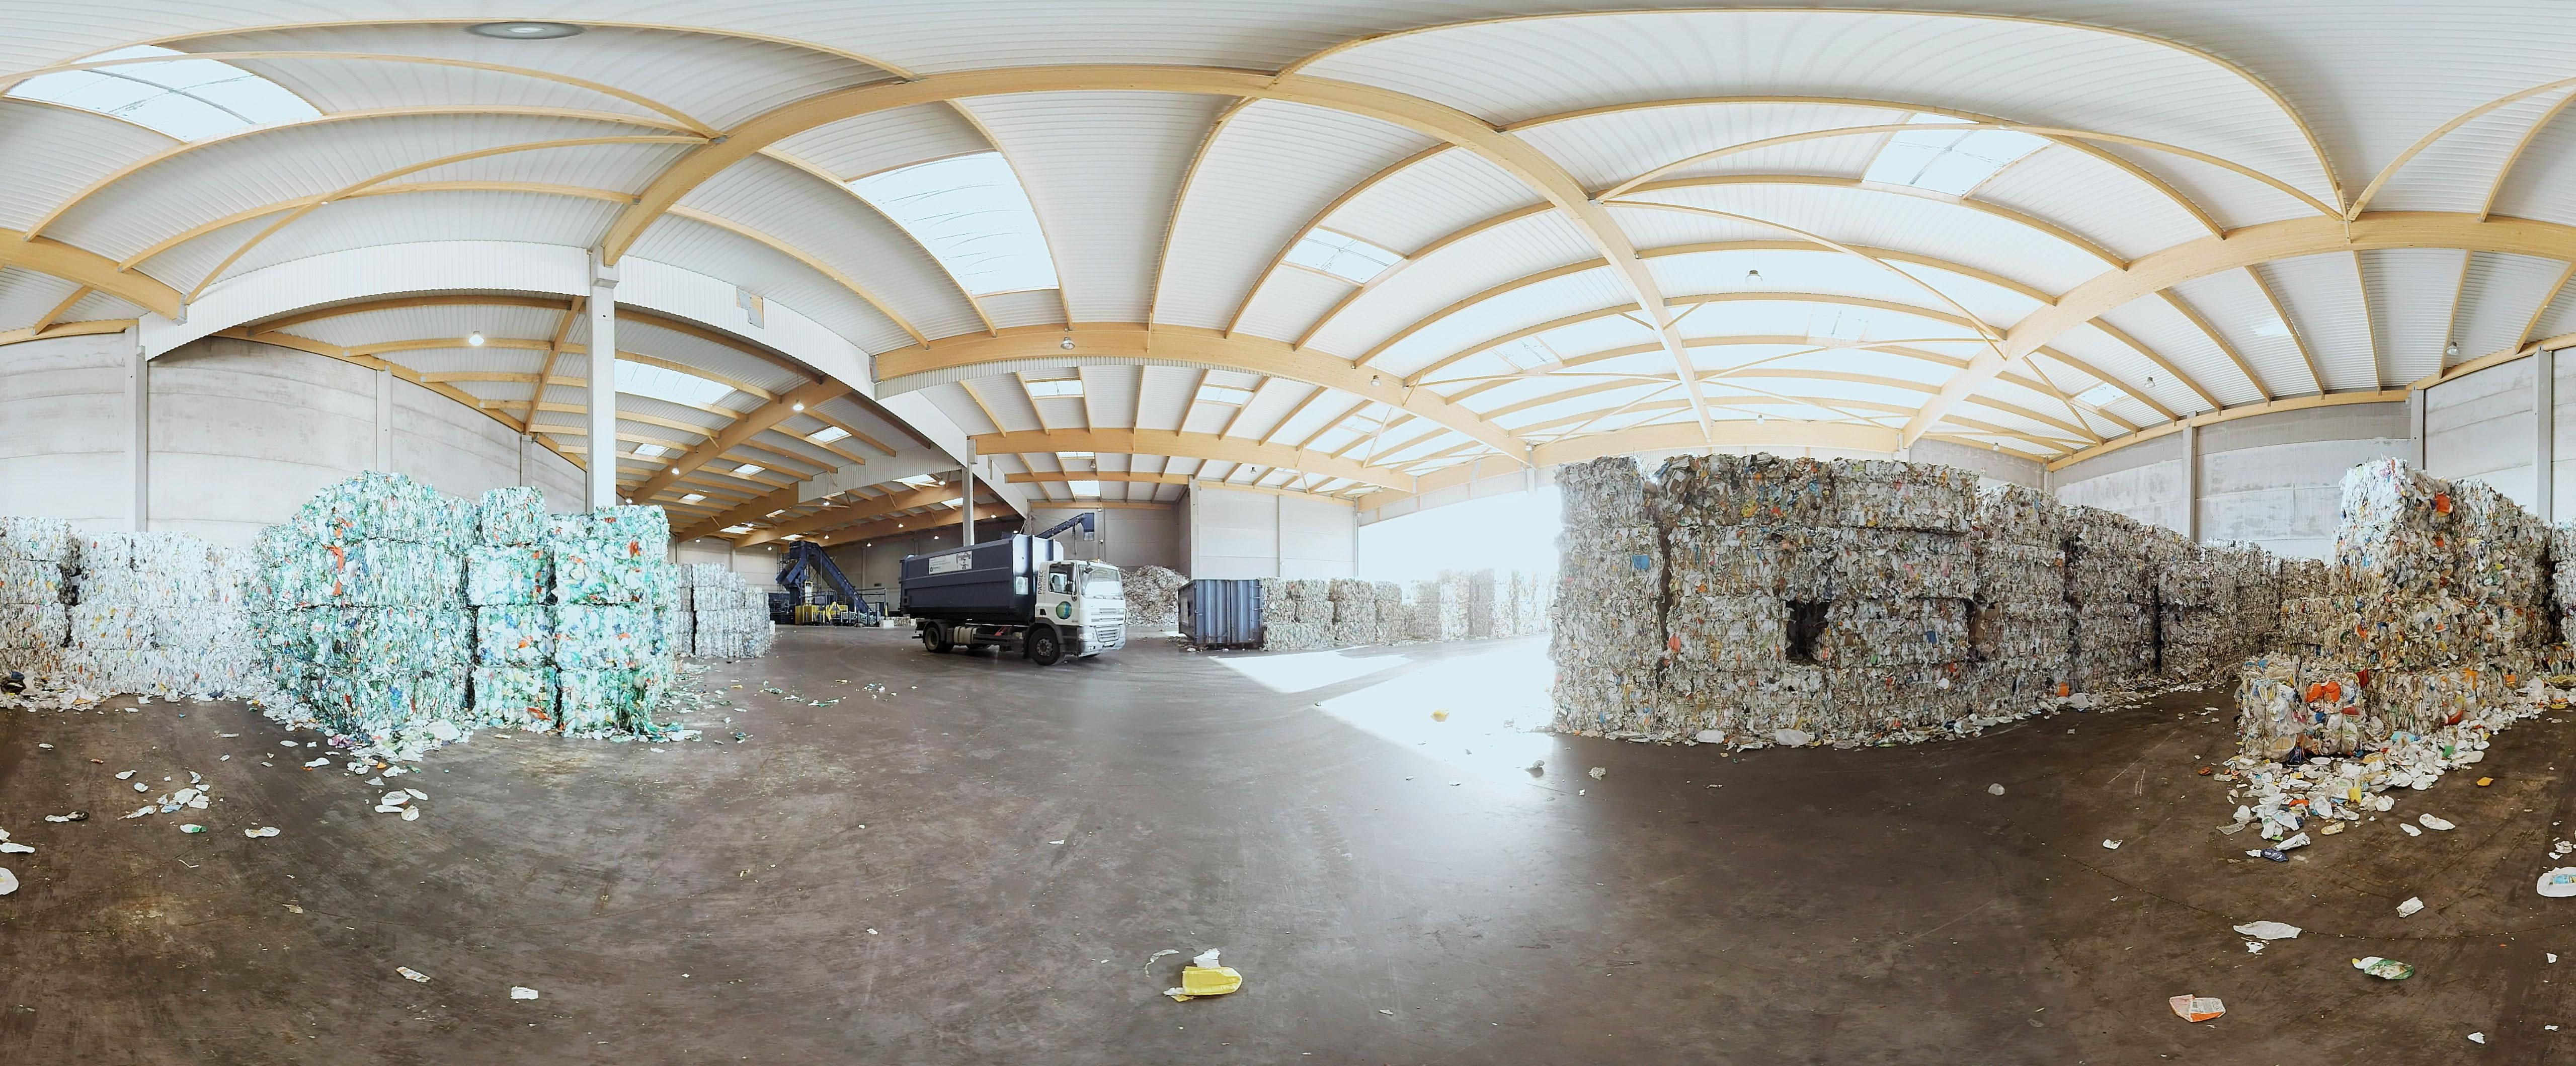 Paprec - Usine de recyclage - Une jolie idée - Agence de réalité virtuelle - Production de photo sphérique et de vidéo 360°